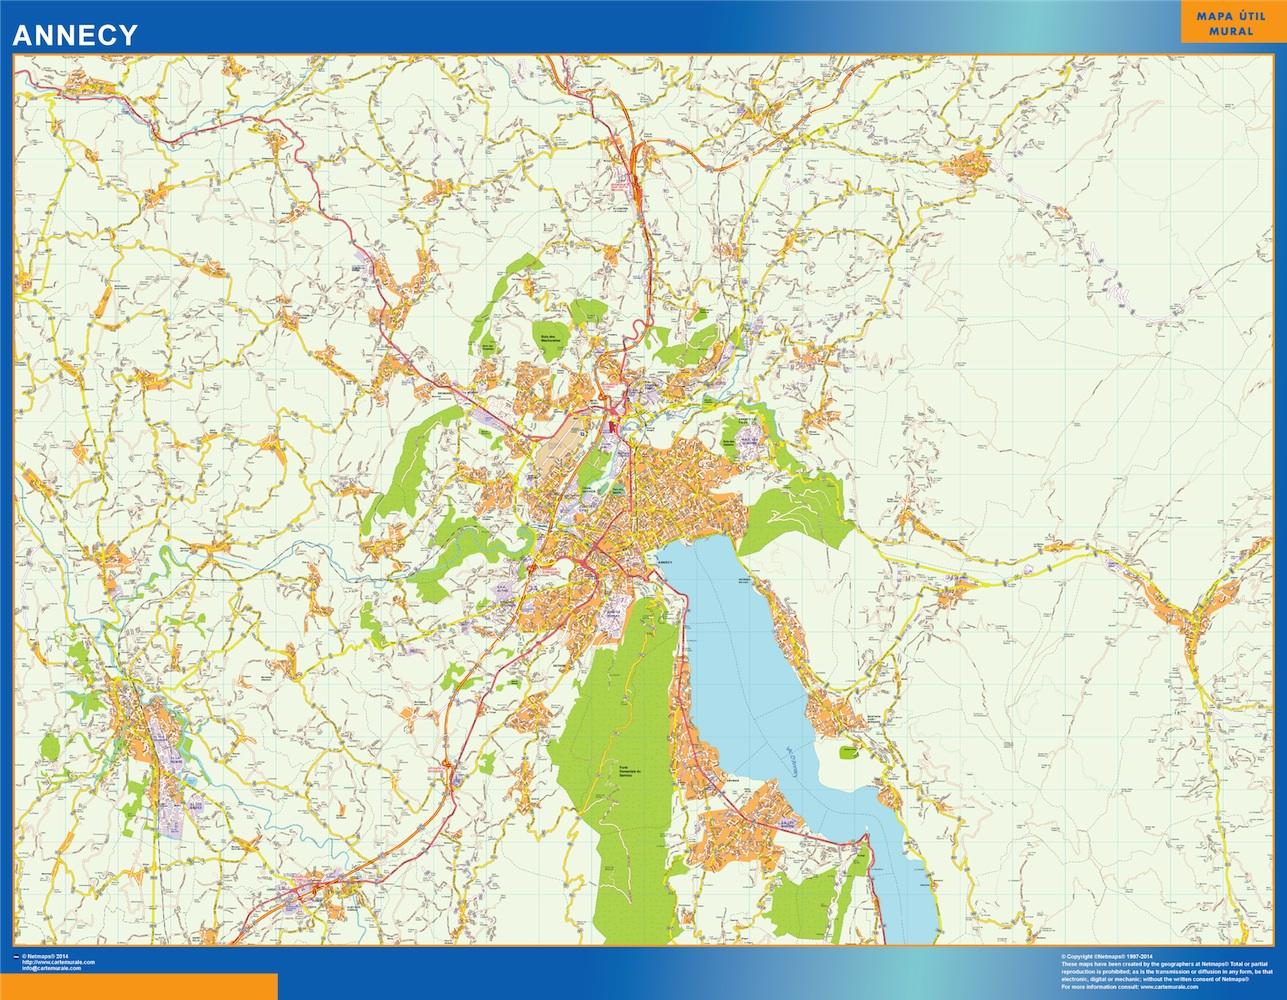 Mapa Annecy en Francia plastificado gigante